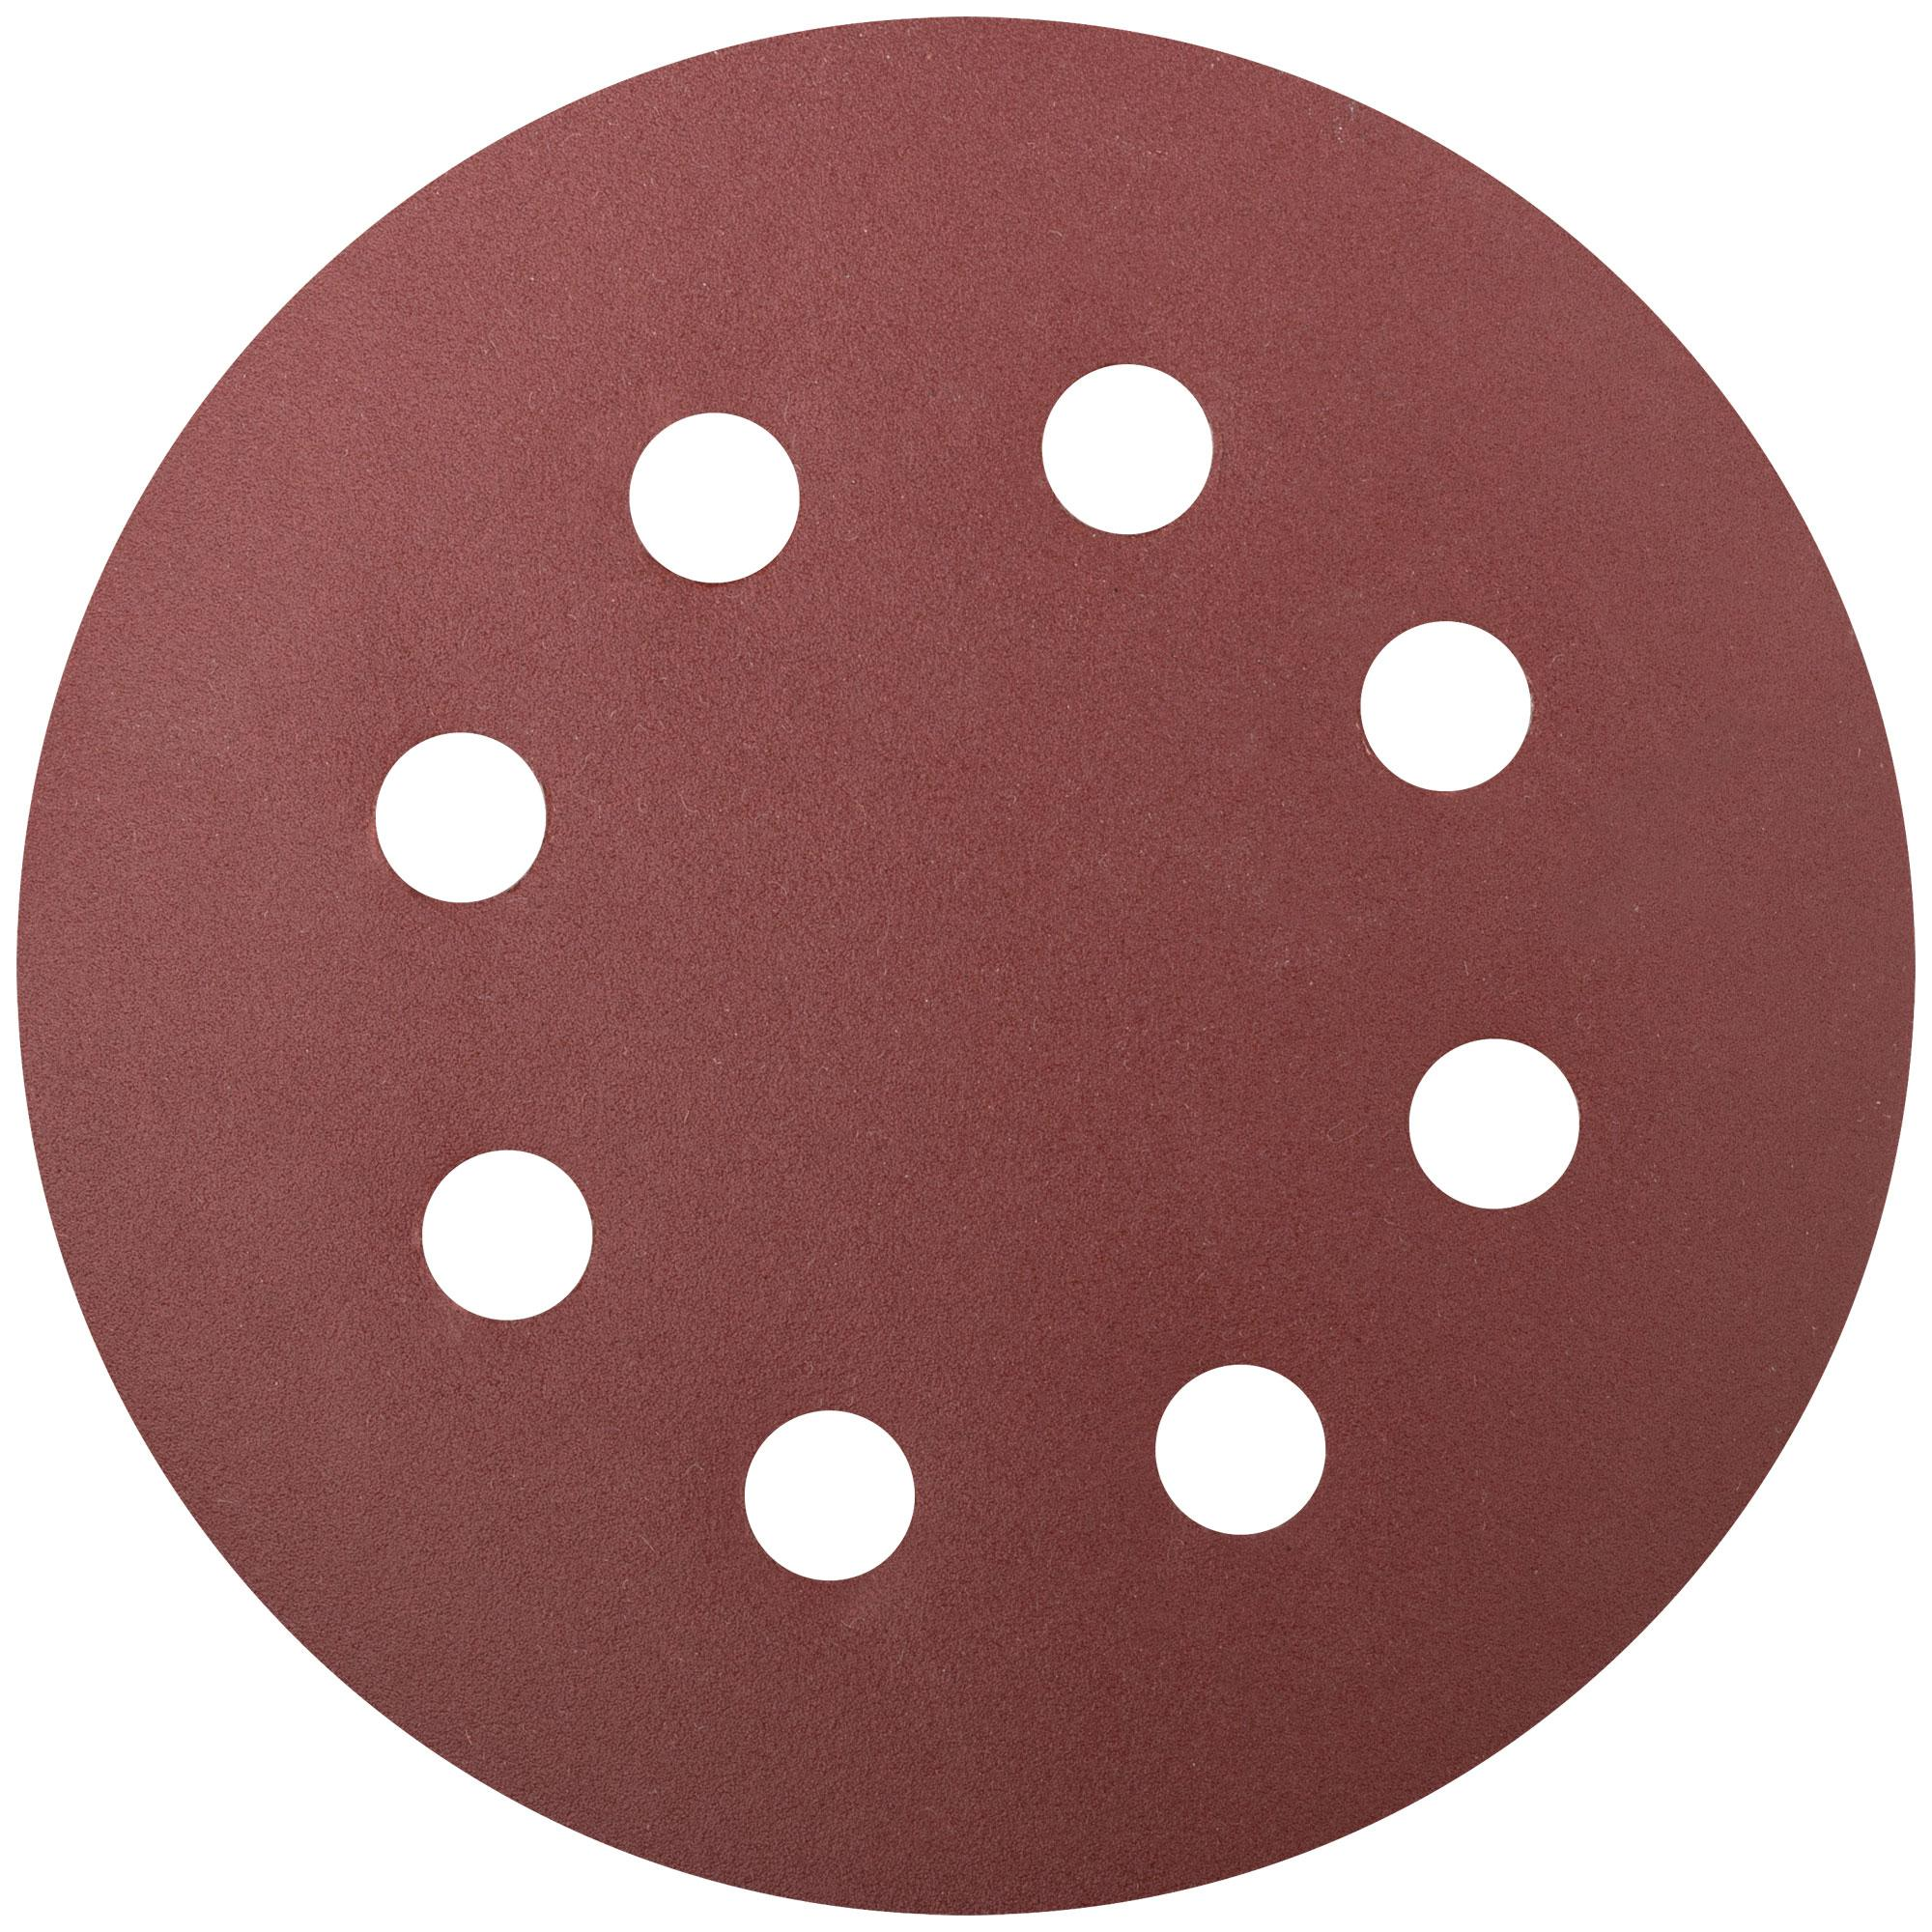 Круг шлиф. самосцепляющийся Fit 125мм p240 8отв. круг шлиф самосцепляющийся klingspor 125мм p150 8отв